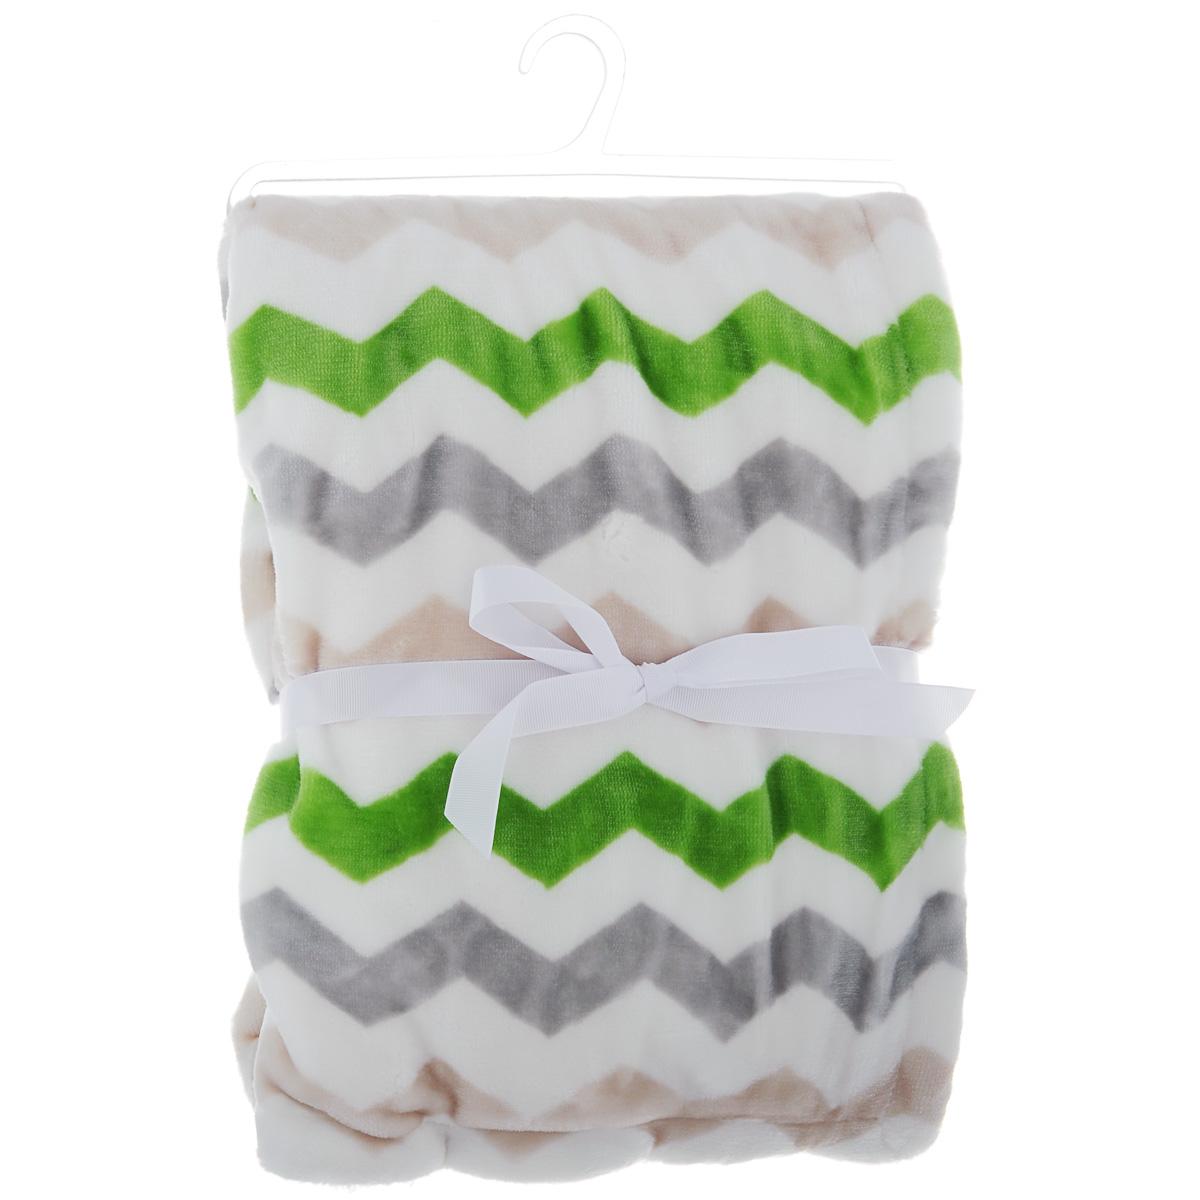 Плед Baby Days, цвет: зеленый, 76 см х 101 смbd10009_зеленыйСтирка при температуре не более 30°С. Деликатный отжим. Не отбеливать. Не гладить. Сухая чистка запрещена. Сушка в барабане при более низкой t